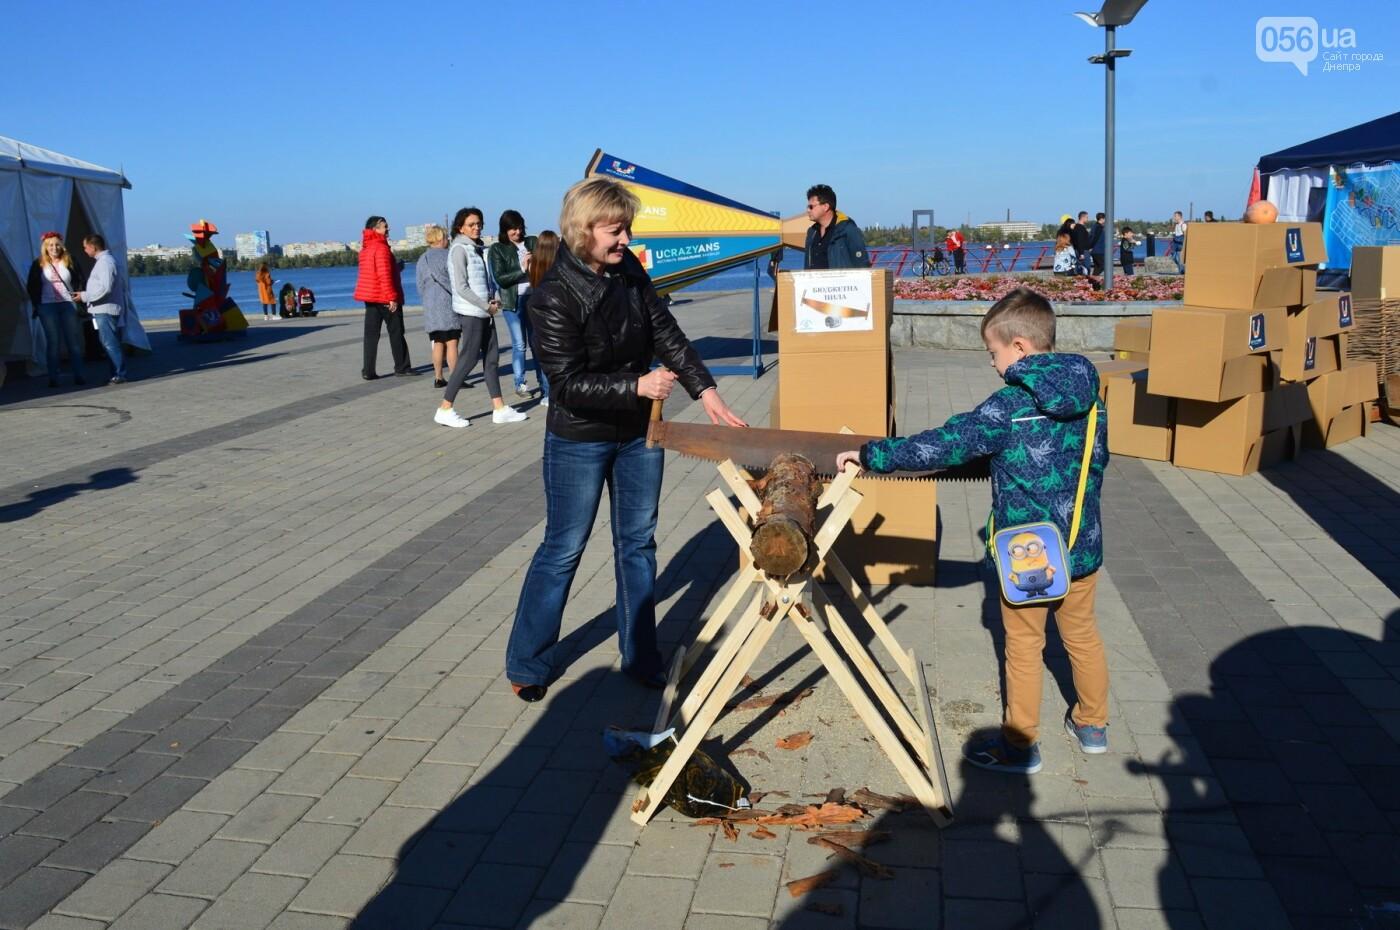 Группа 5'nizza, экстремали, роботы и «сладкий бюджет»: как в Днепре прошел фестиваль общественных инициатив UCRAZYANS, - ФОТО, фото-9